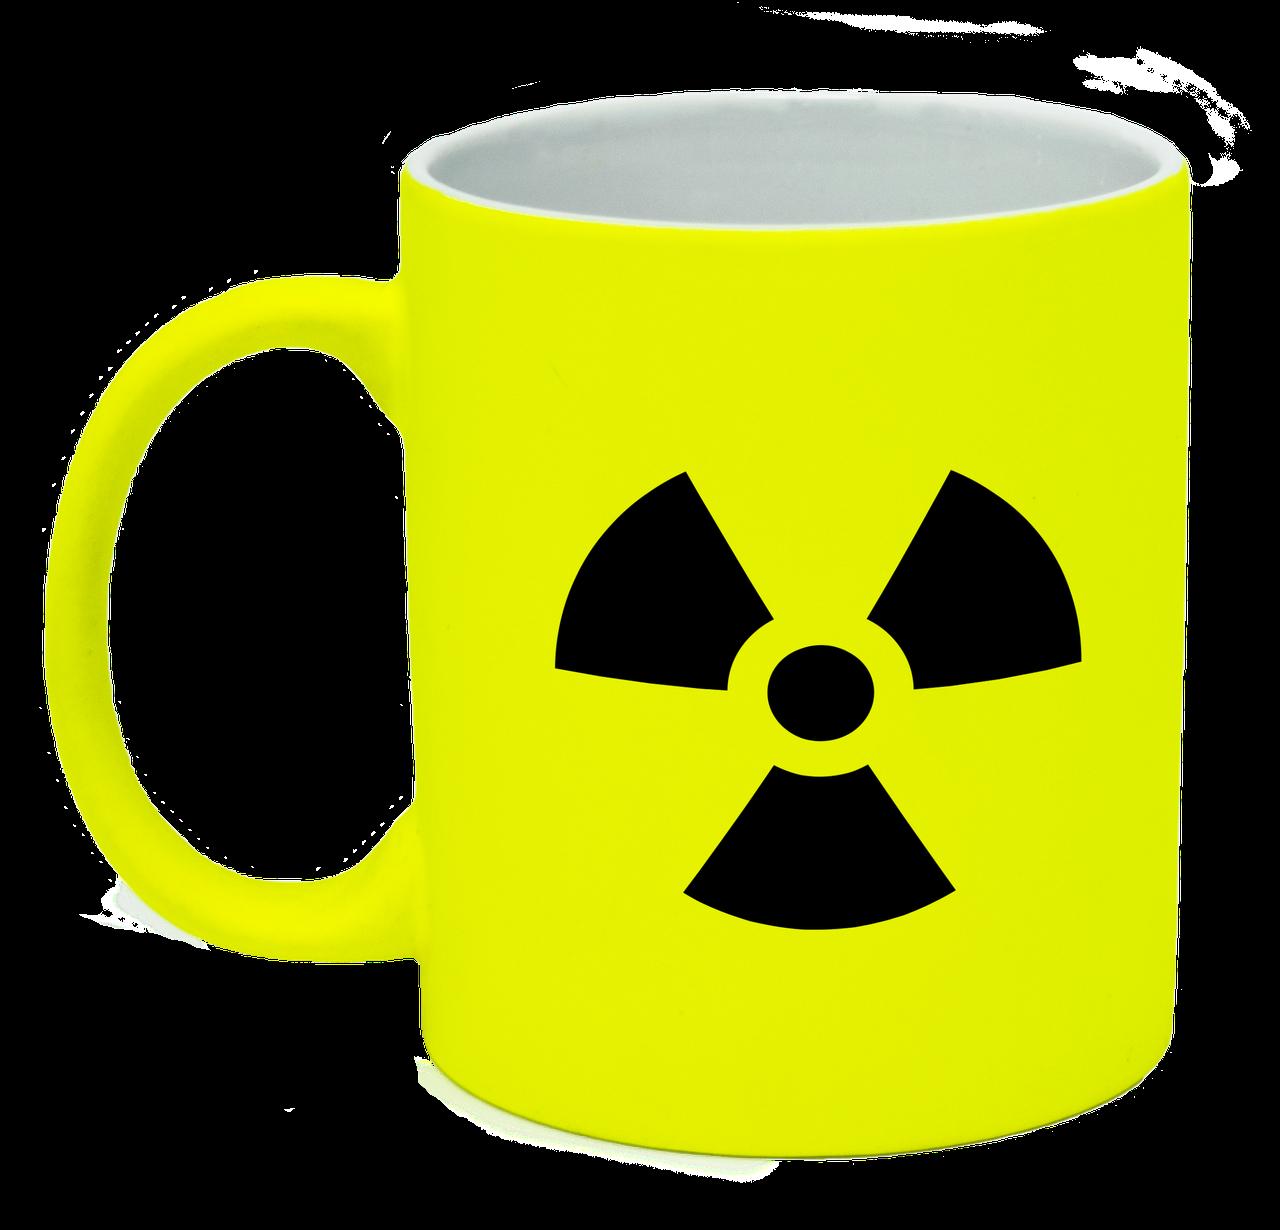 Неоновая матовая чашка Ядерная опасность, ярко-желтая